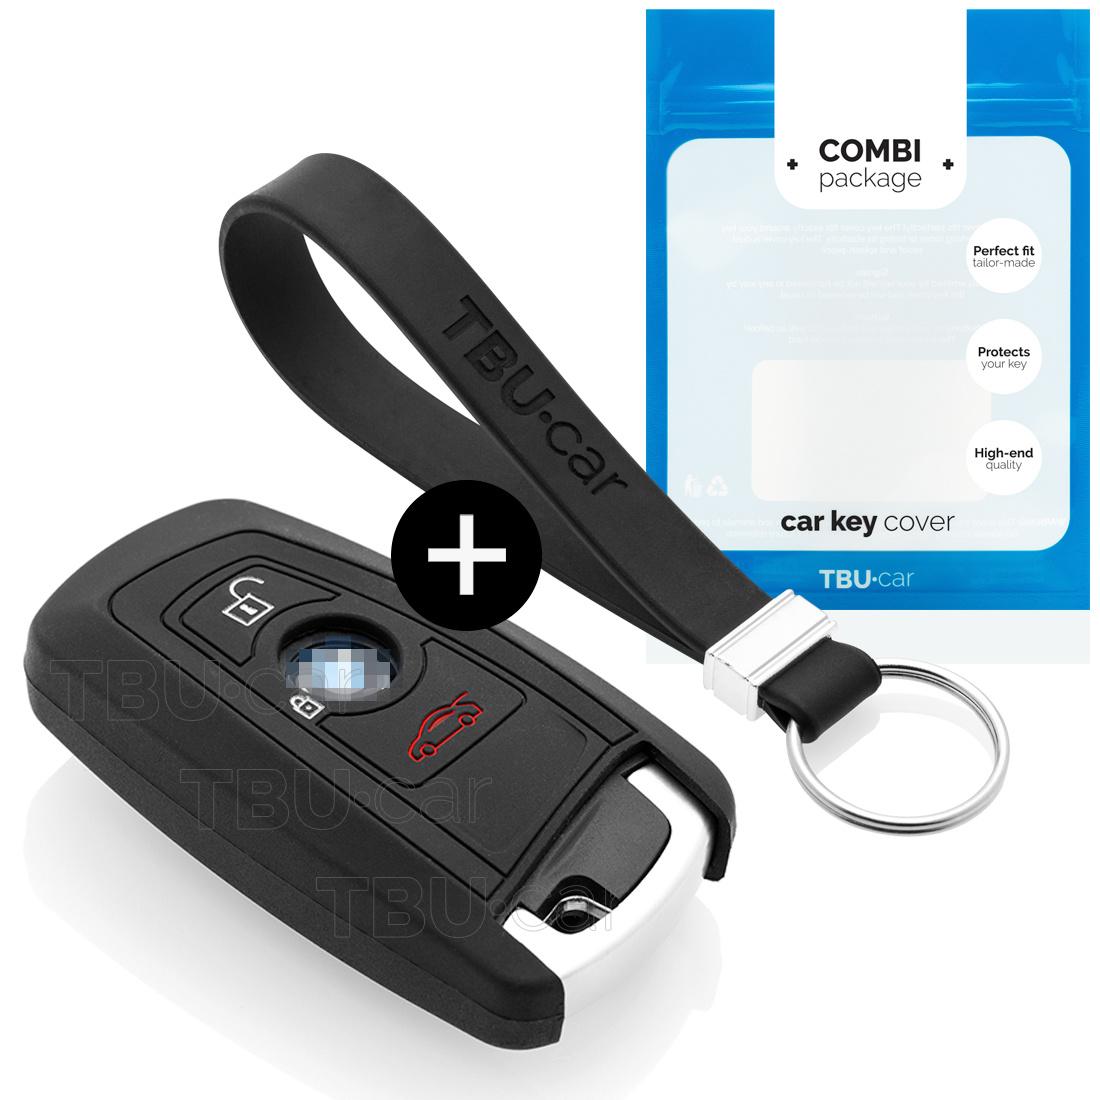 TBU car Autoschlüssel Hülle für BMW 3 Tasten (Keyless Entry) - Schutzhülle aus Silikon - Auto Schlüsselhülle Cover in Schwarz